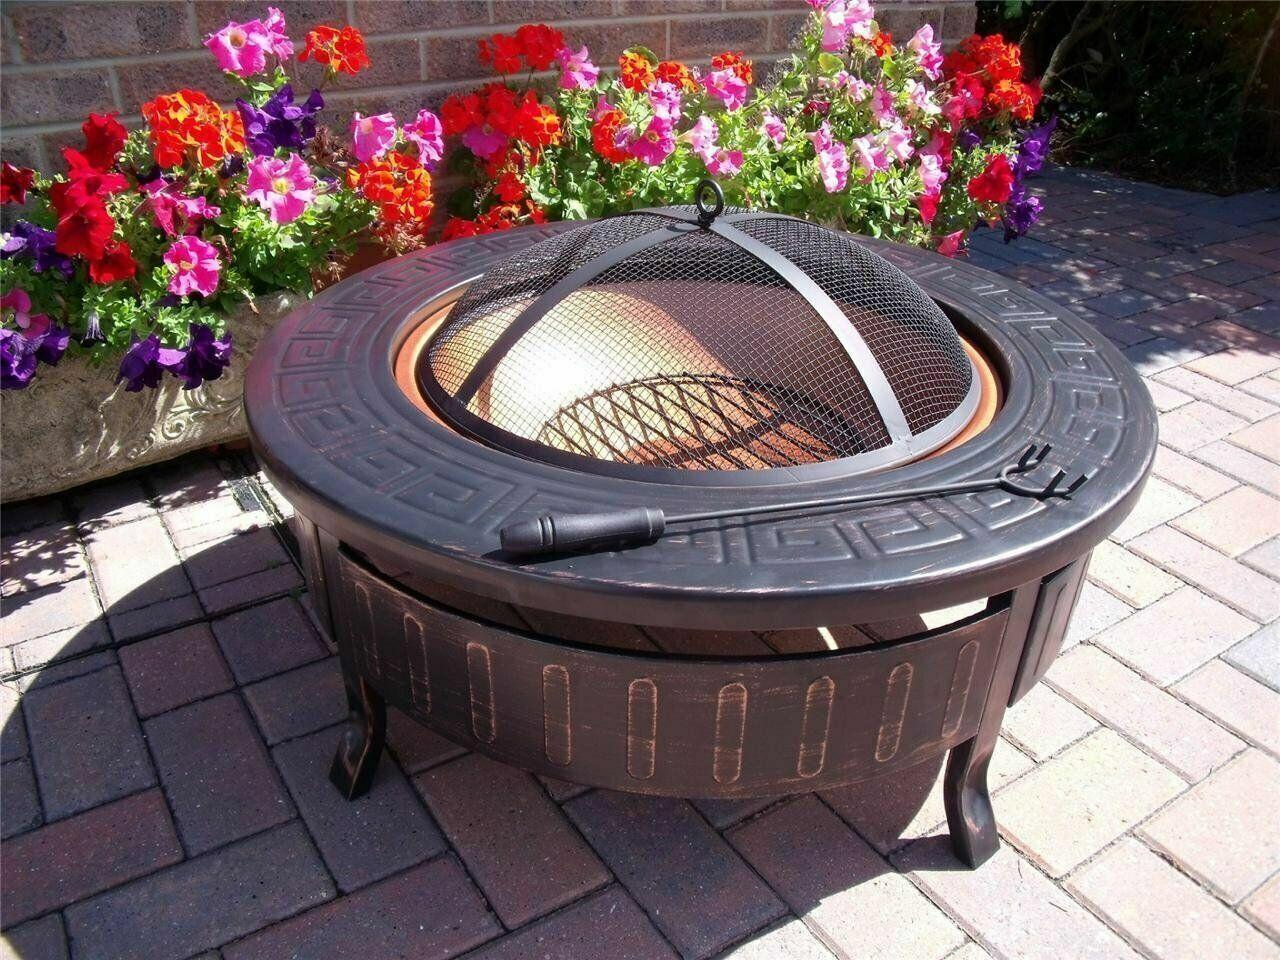 rojoondo Acero Jardín Fuego Pozo con Parrilla & Funda Exterior Calentador Tronco